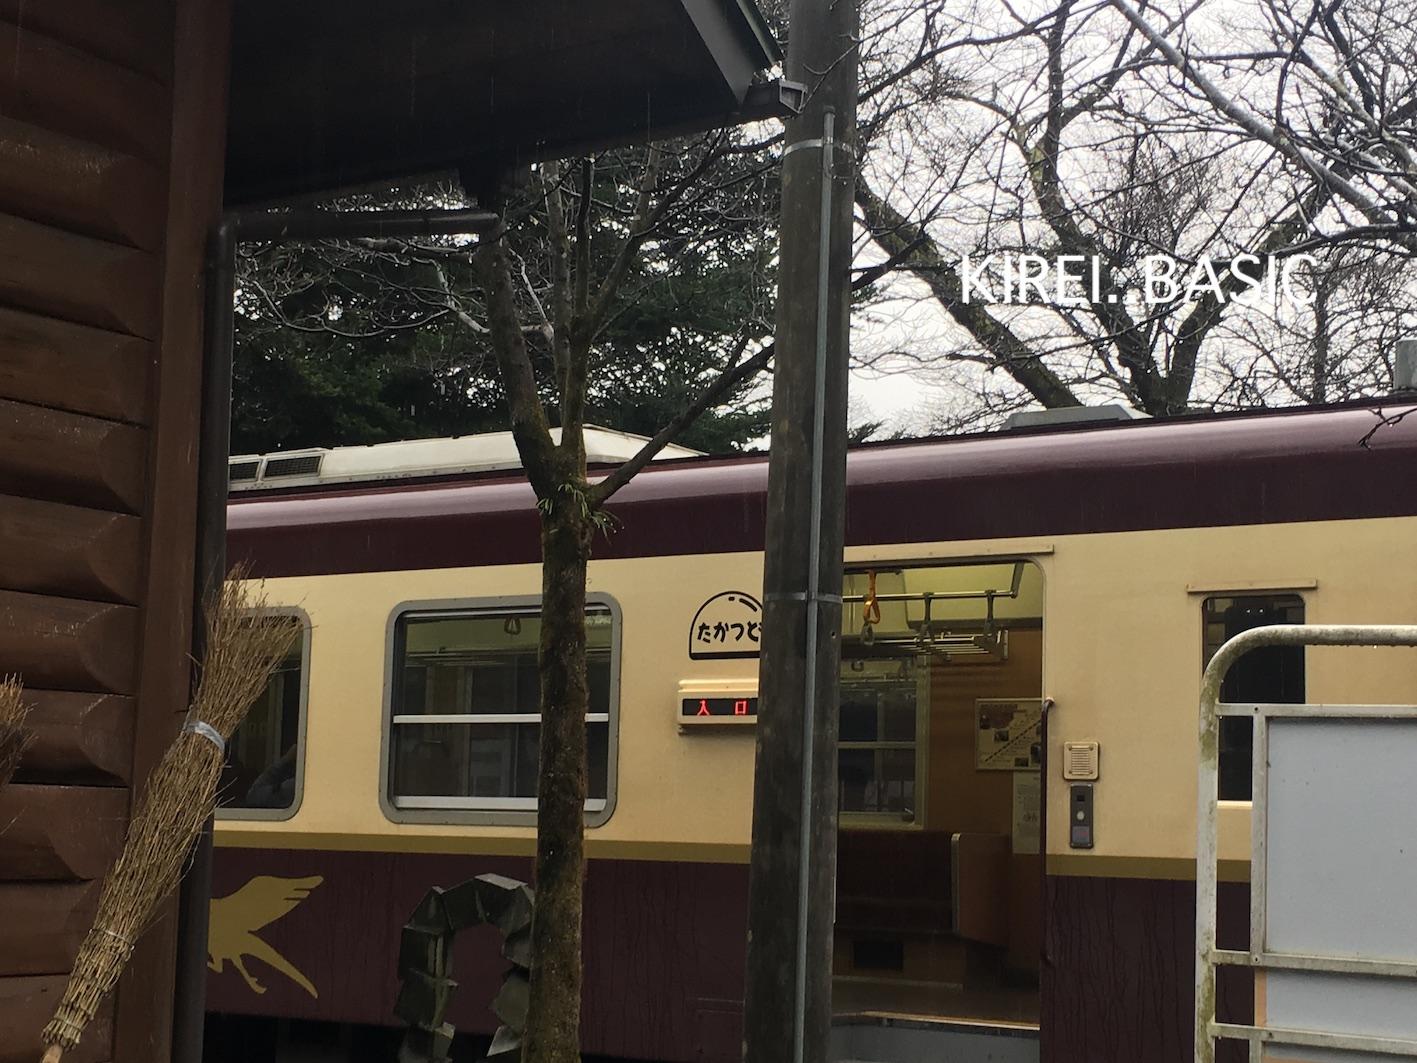 群馬県の草木湖から草木ダム一周の旅は雨でも楽しい!わたらせ渓谷鐵道が映画のワンシーンみたい。